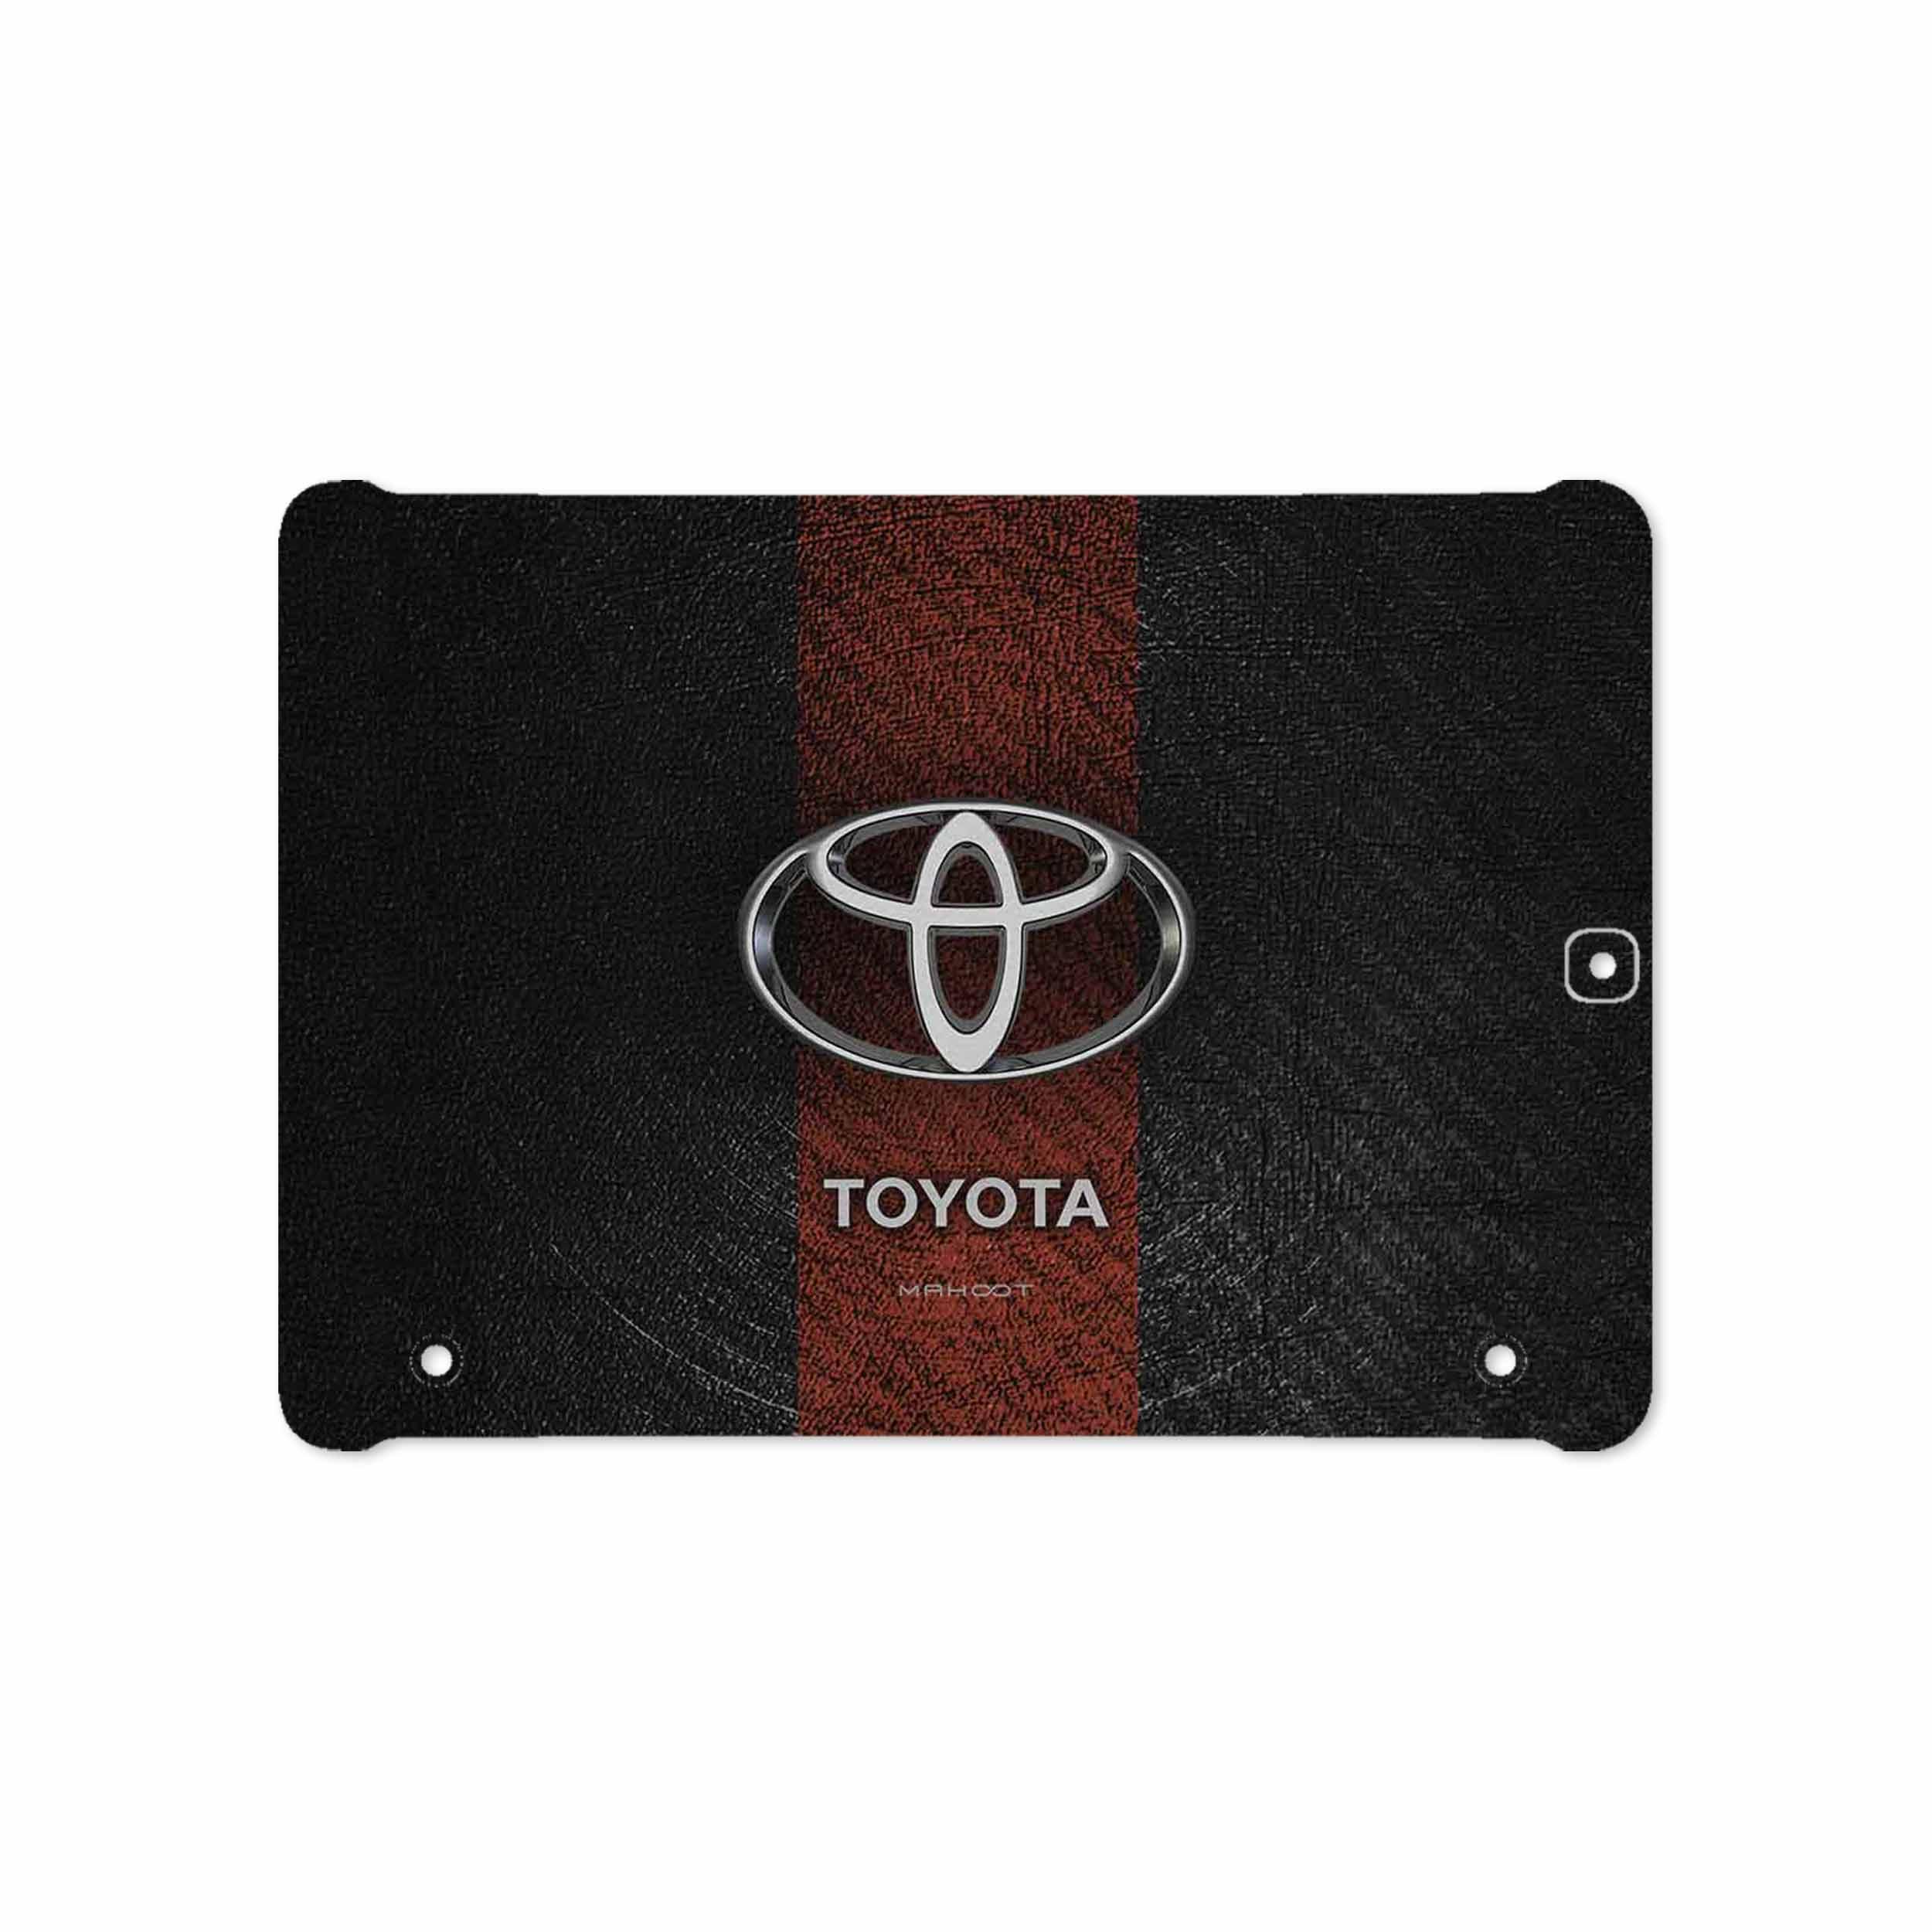 بررسی و خرید [با تخفیف]                                     برچسب پوششی ماهوت مدل TOYOTA-Logo مناسب برای تبلت سامسونگ Galaxy Tab S2 9.7 2015 T815                             اورجینال